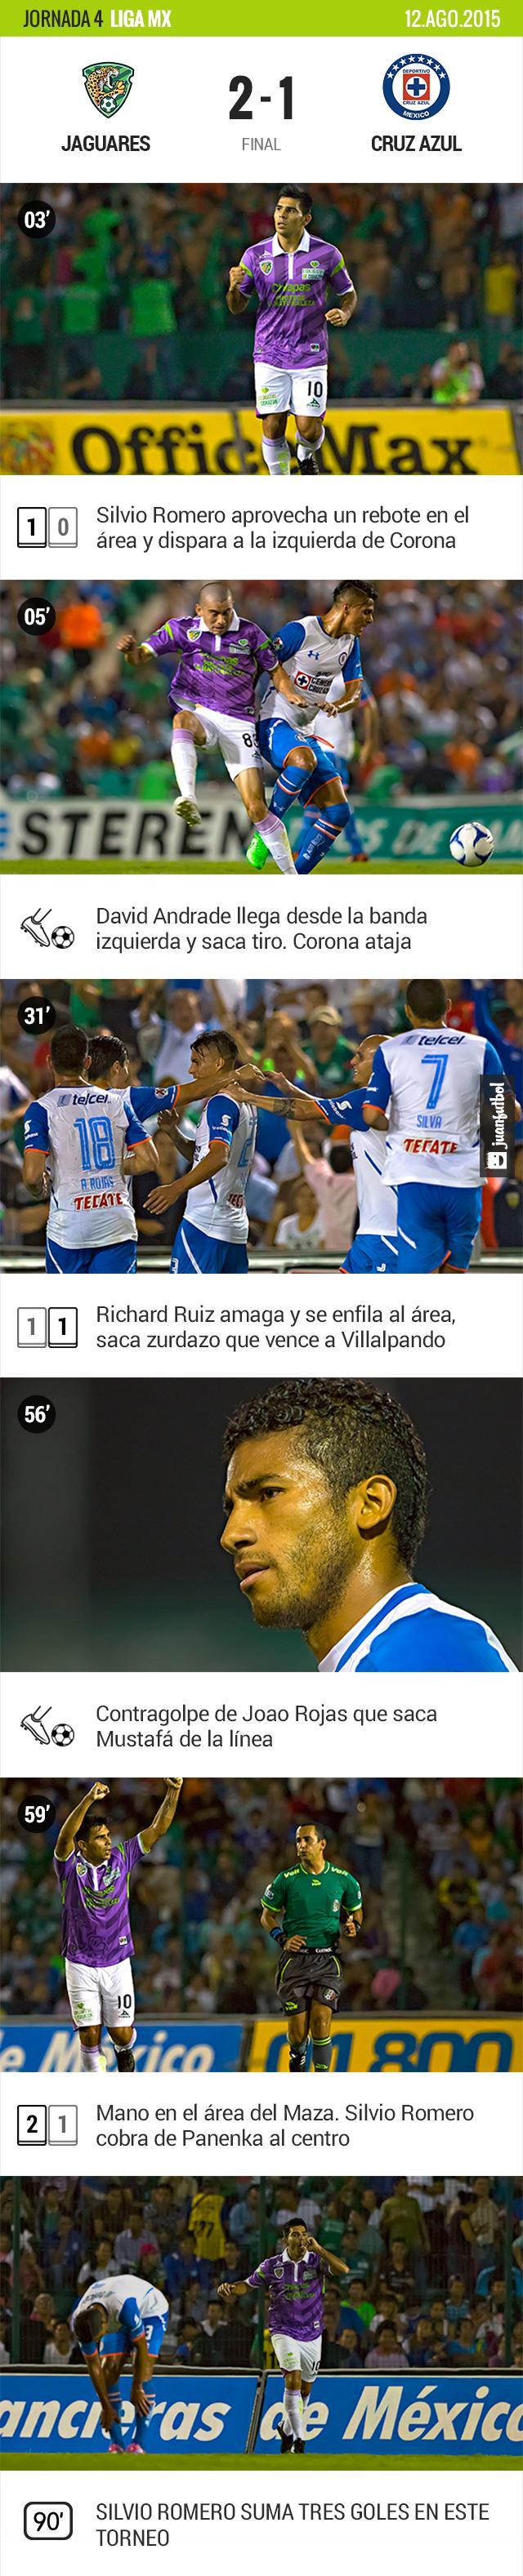 Jaguares-Cruz Azul